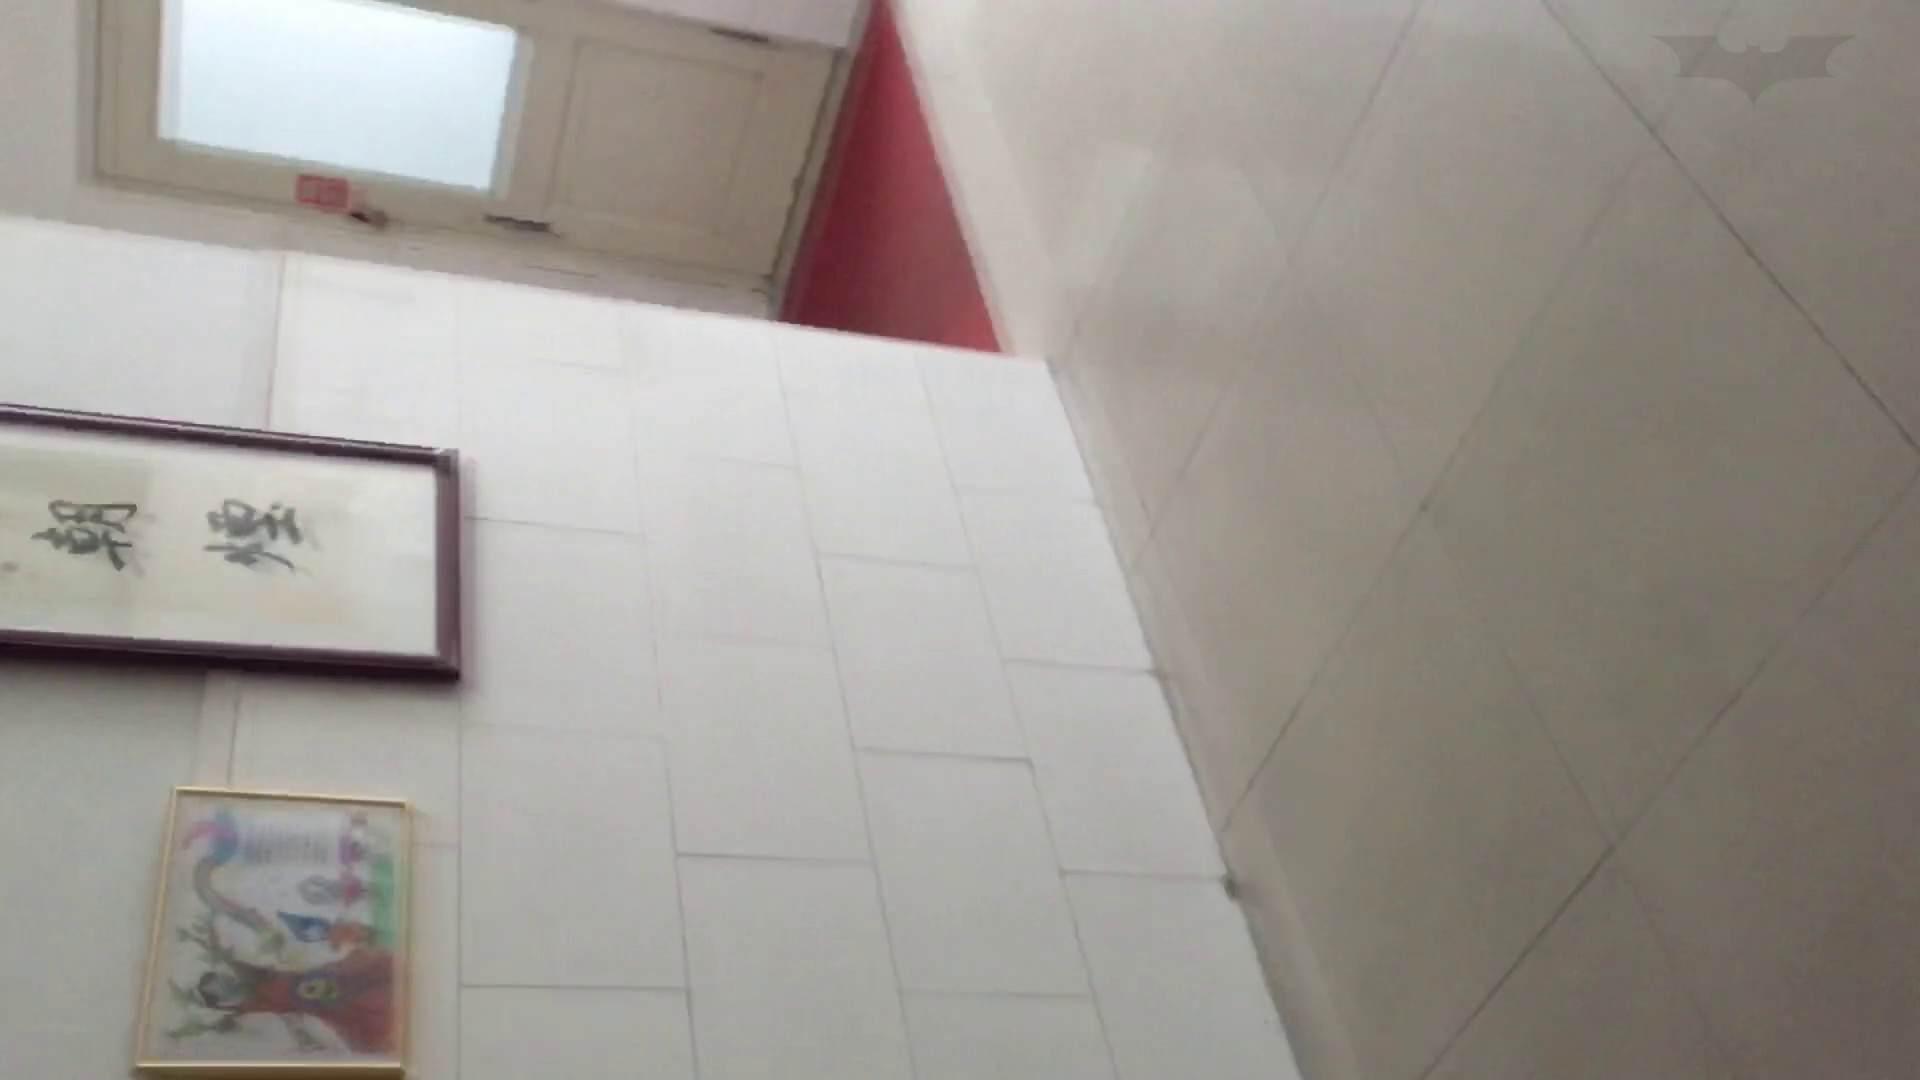 芸術大学ガチ潜入盗撮 JD盗撮 美女の洗面所の秘密 Vol.80 トイレ中 | 洗面所着替え  64連発 6